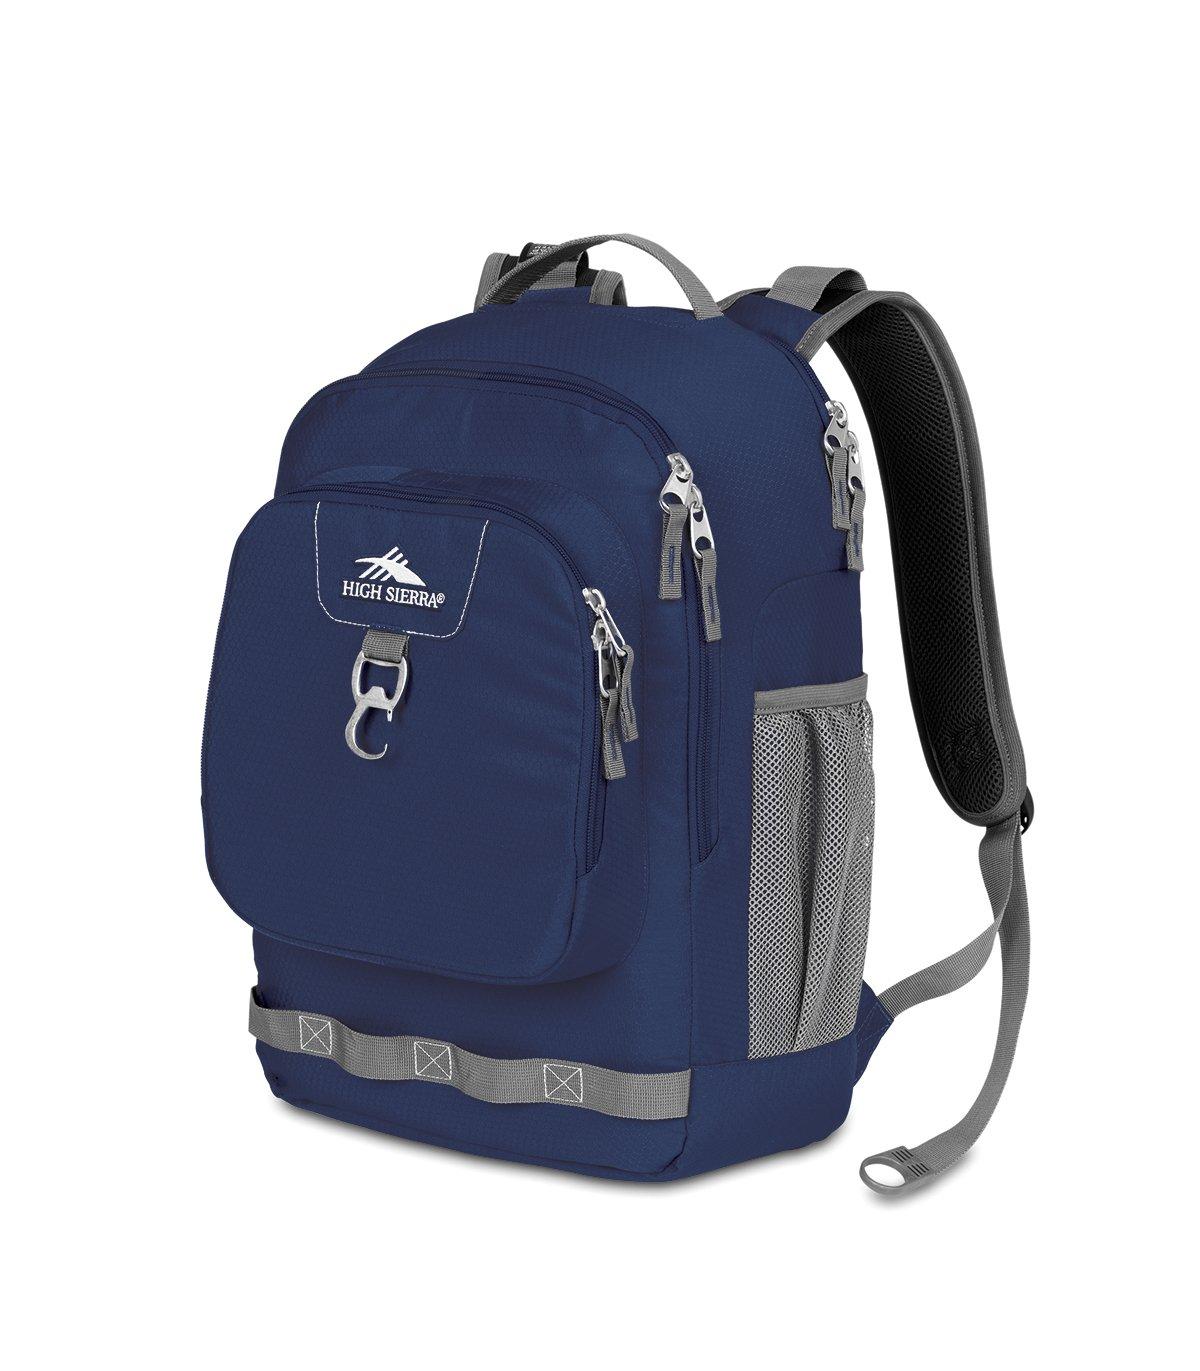 High Sierra Brewster Daypack